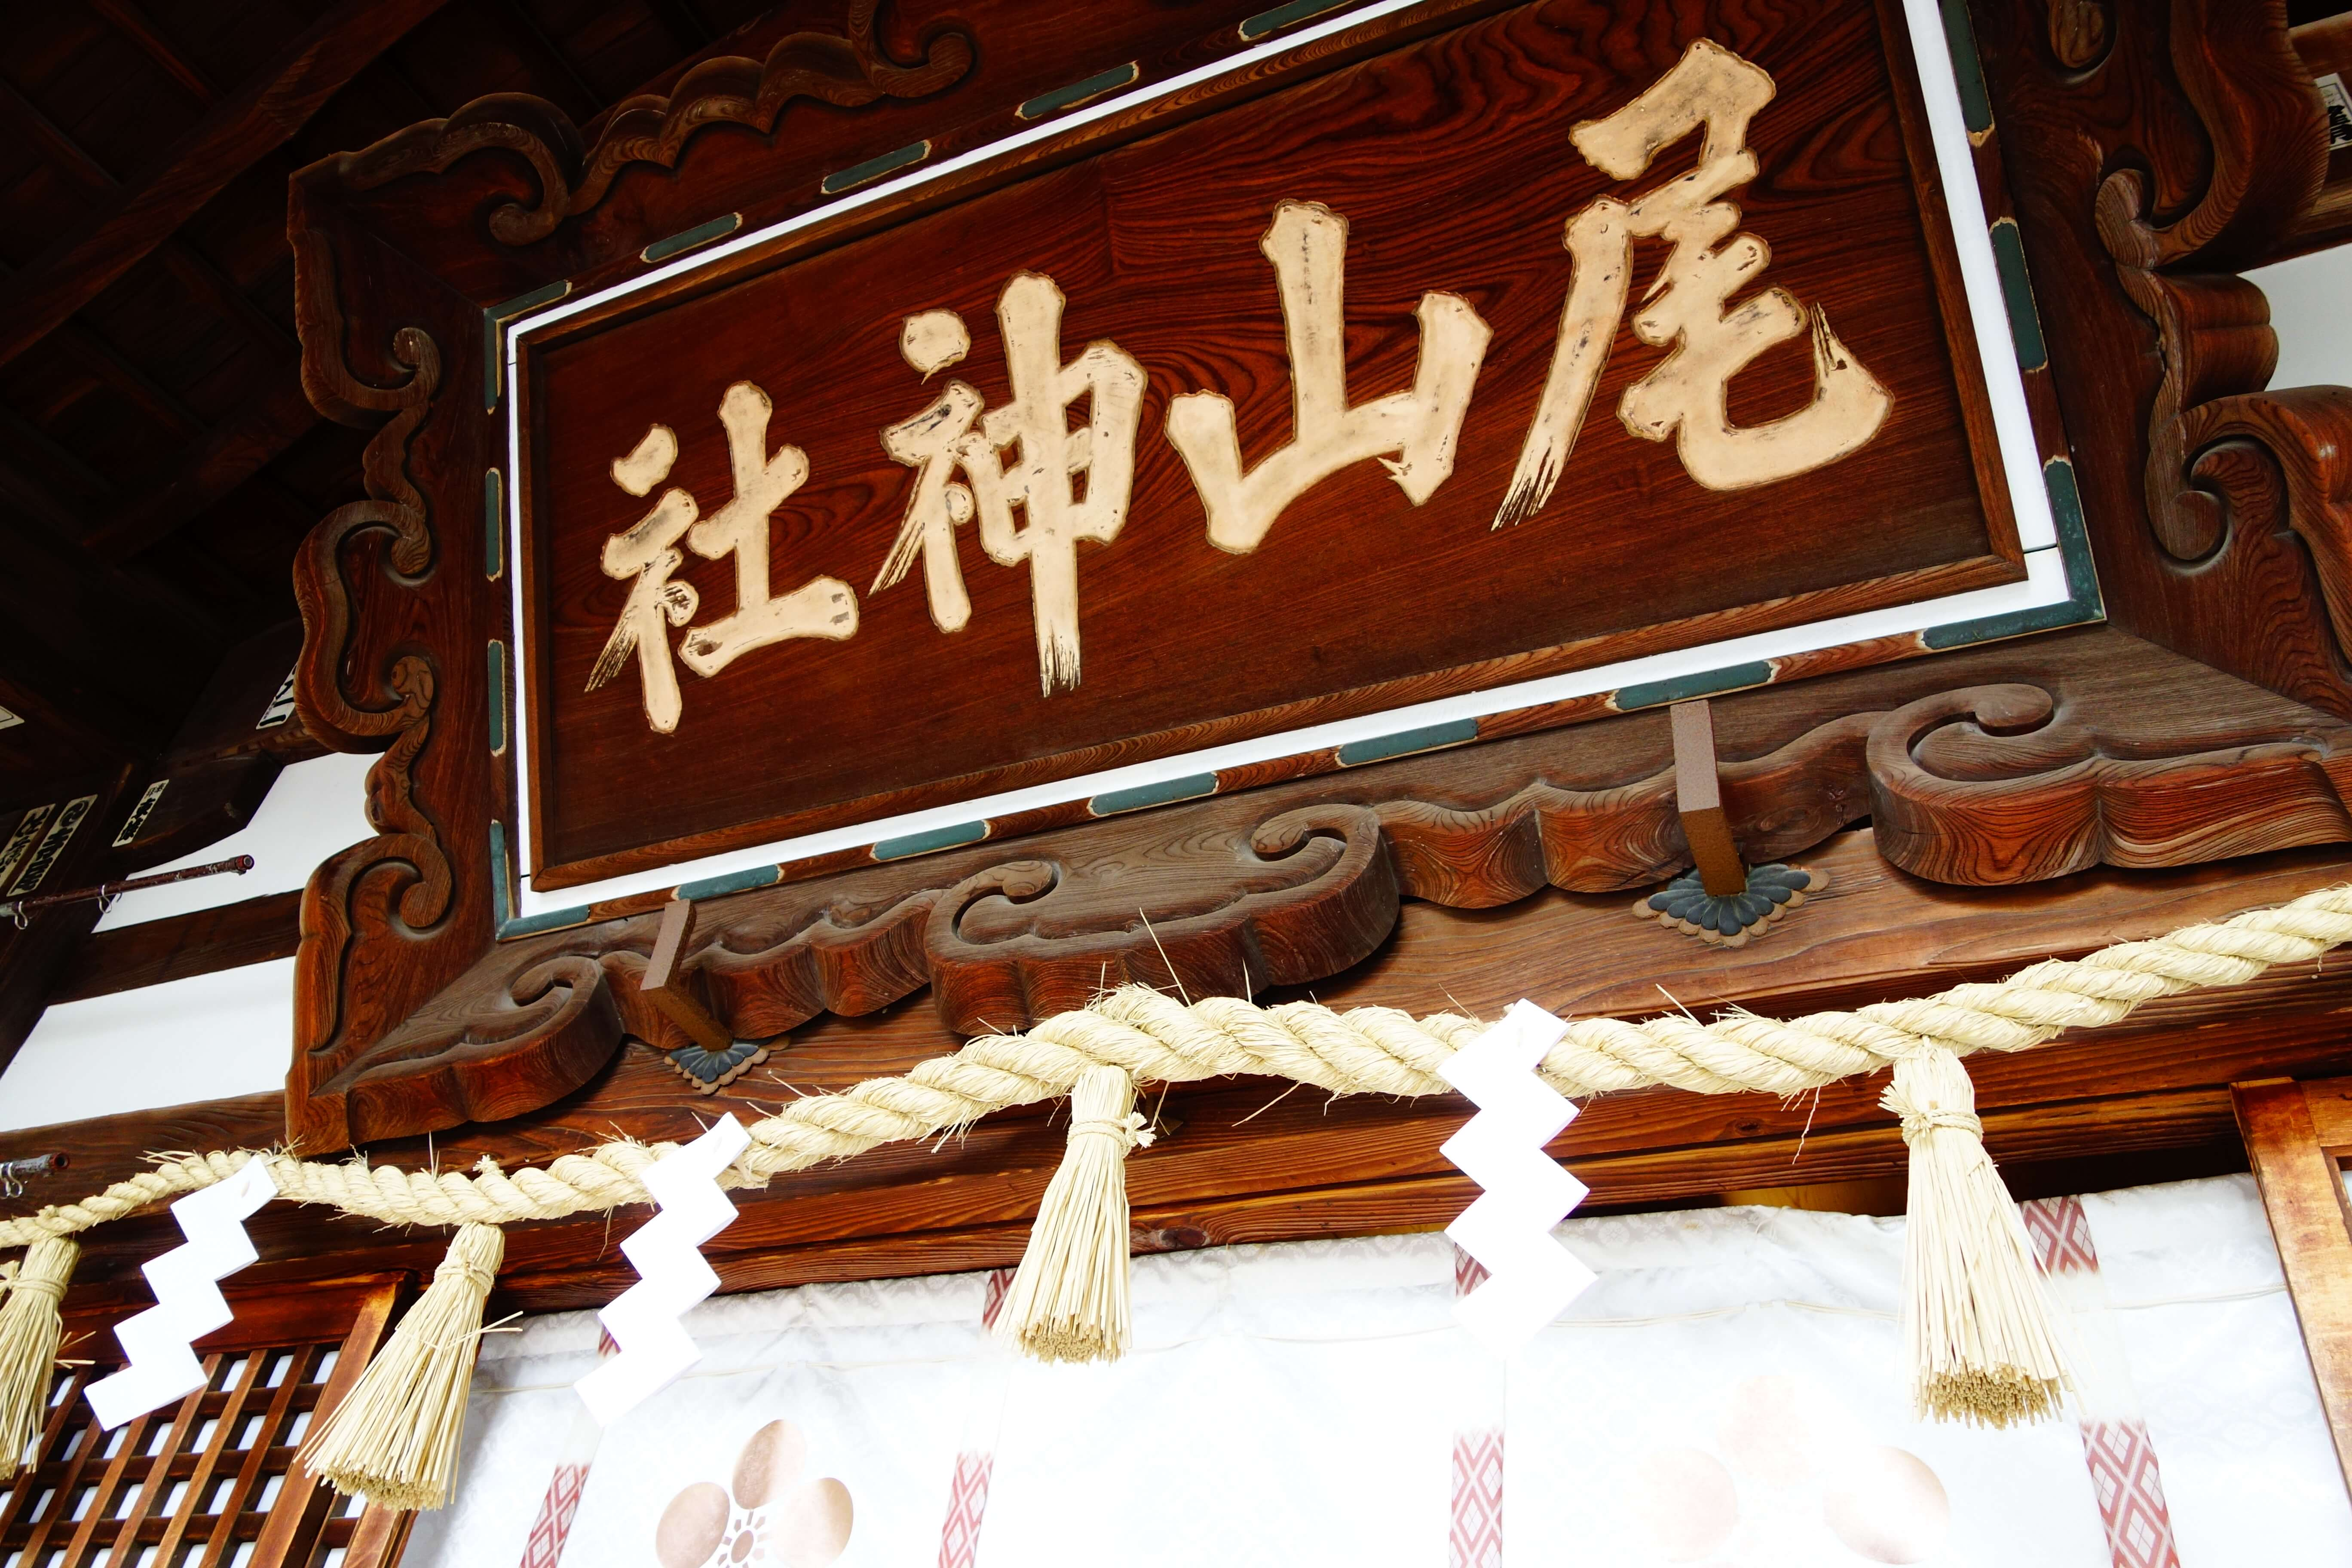 尾山神社|金沢観光の定番「兼六園」近くで歴史を学べるオススメ神社